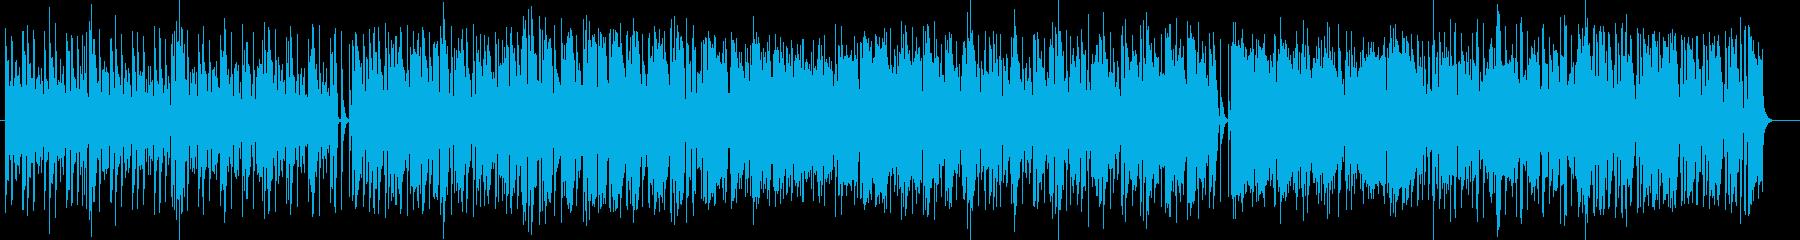 メローで落ち着きのあるお洒落でポップな曲の再生済みの波形